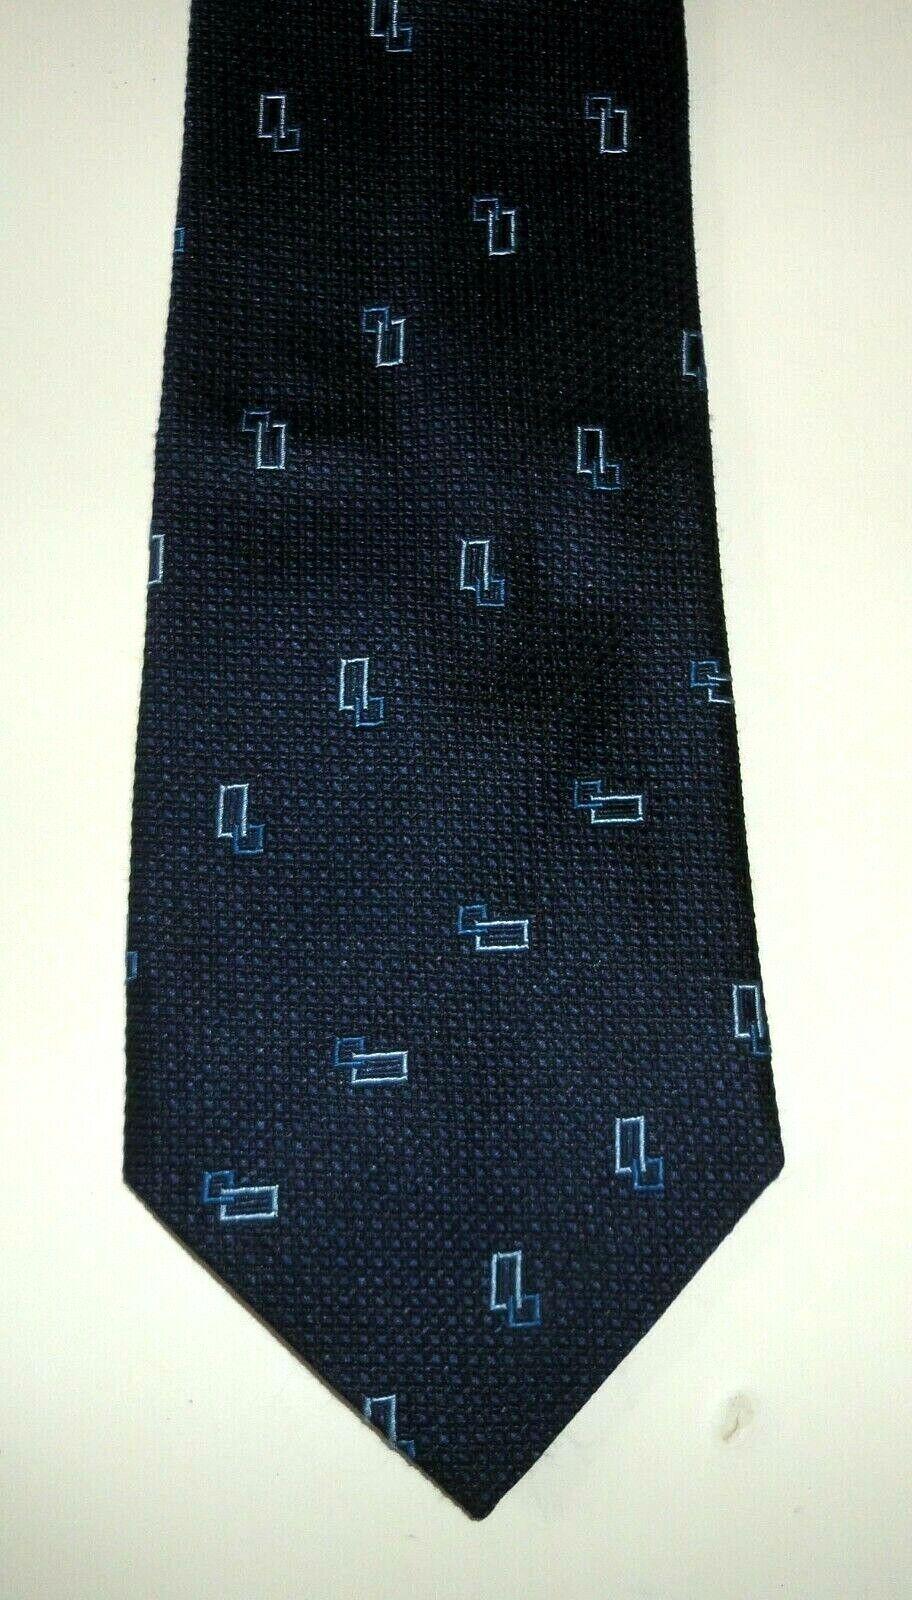 Tie Tie Tie Duck - 100% Silk-Navy/Light Blue Rectangles